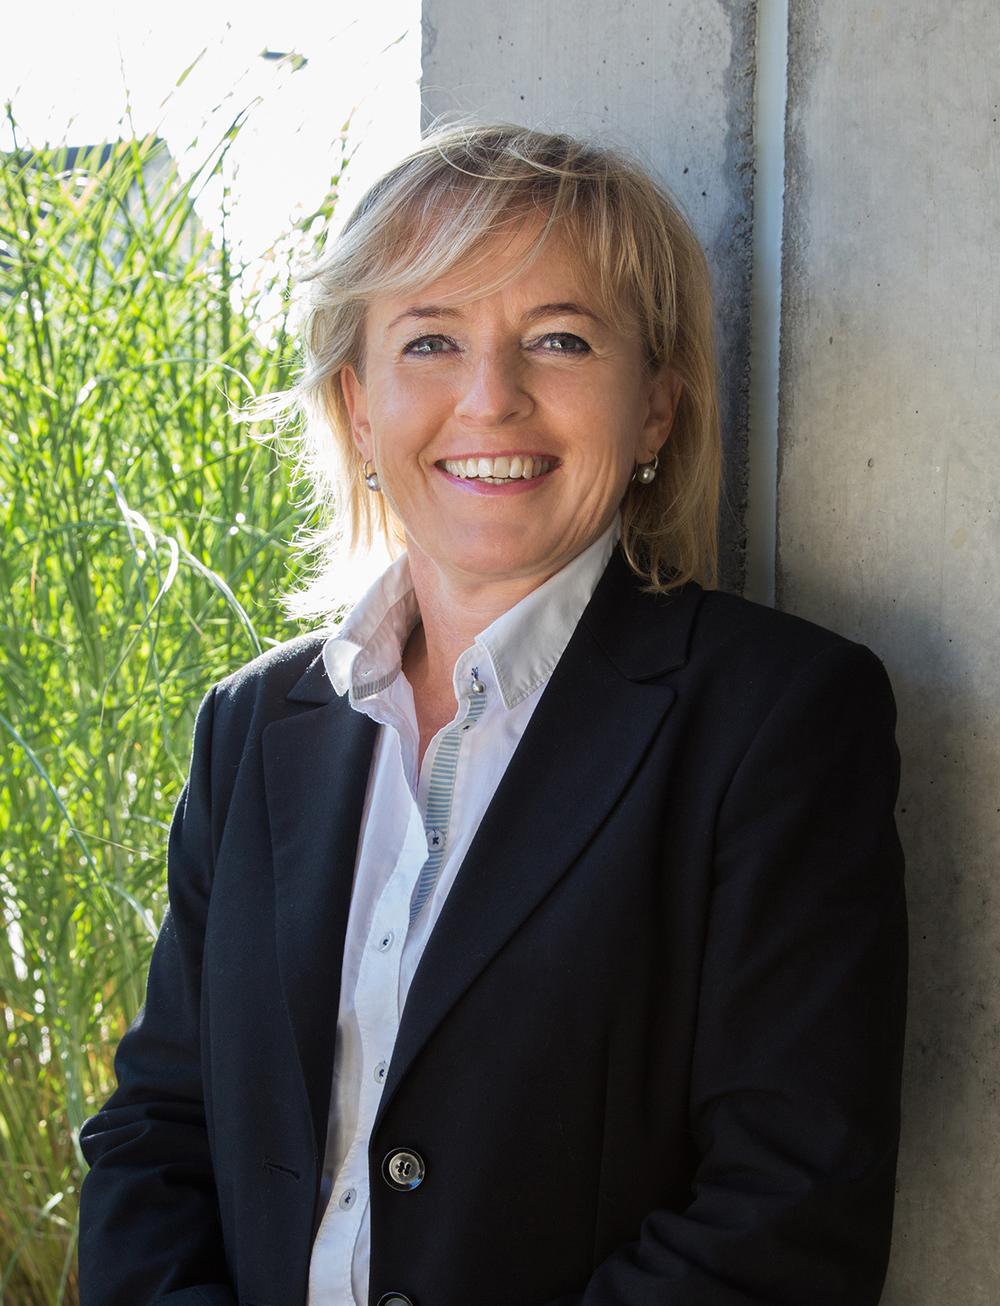 Hier mit Brigitte Wegmüller über LinkedIn vernetzen.